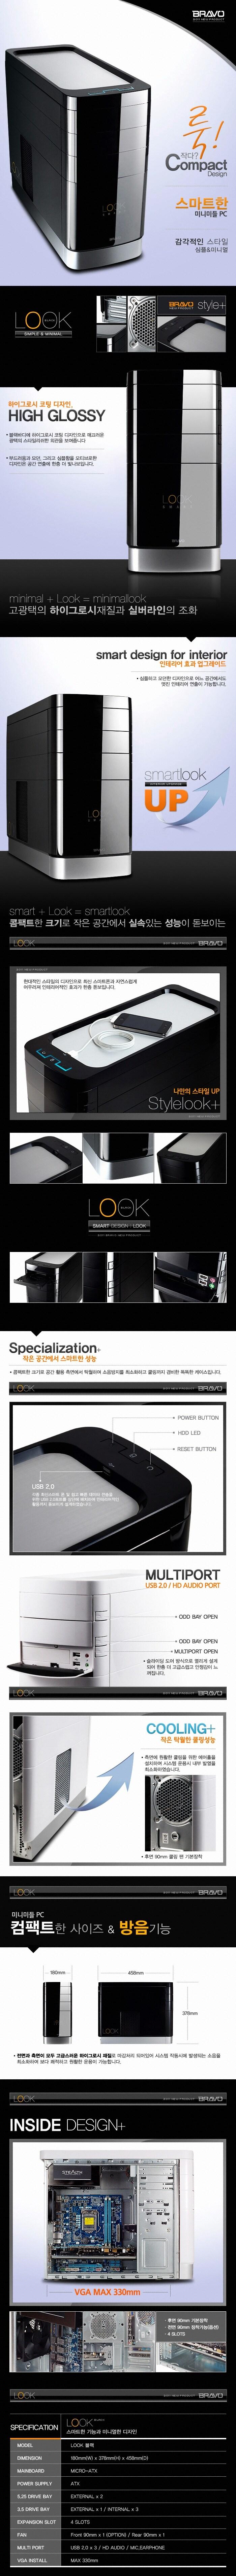 BRAVOTEC  LOOK 블랙, BRAVOTEC,,LOOK,블랙,컴퓨터,케이스,PC케이스(ATX) , 미니타워 , 파워미포함 , Micro-ATX , HD AUDIO , 180mm , 378mm , 458mm,PC 주요 부품,pc,본체,데스크탑,데스크톱,피씨,피시,case,캐이스,PC케이스(ATX),최저가,가격비교